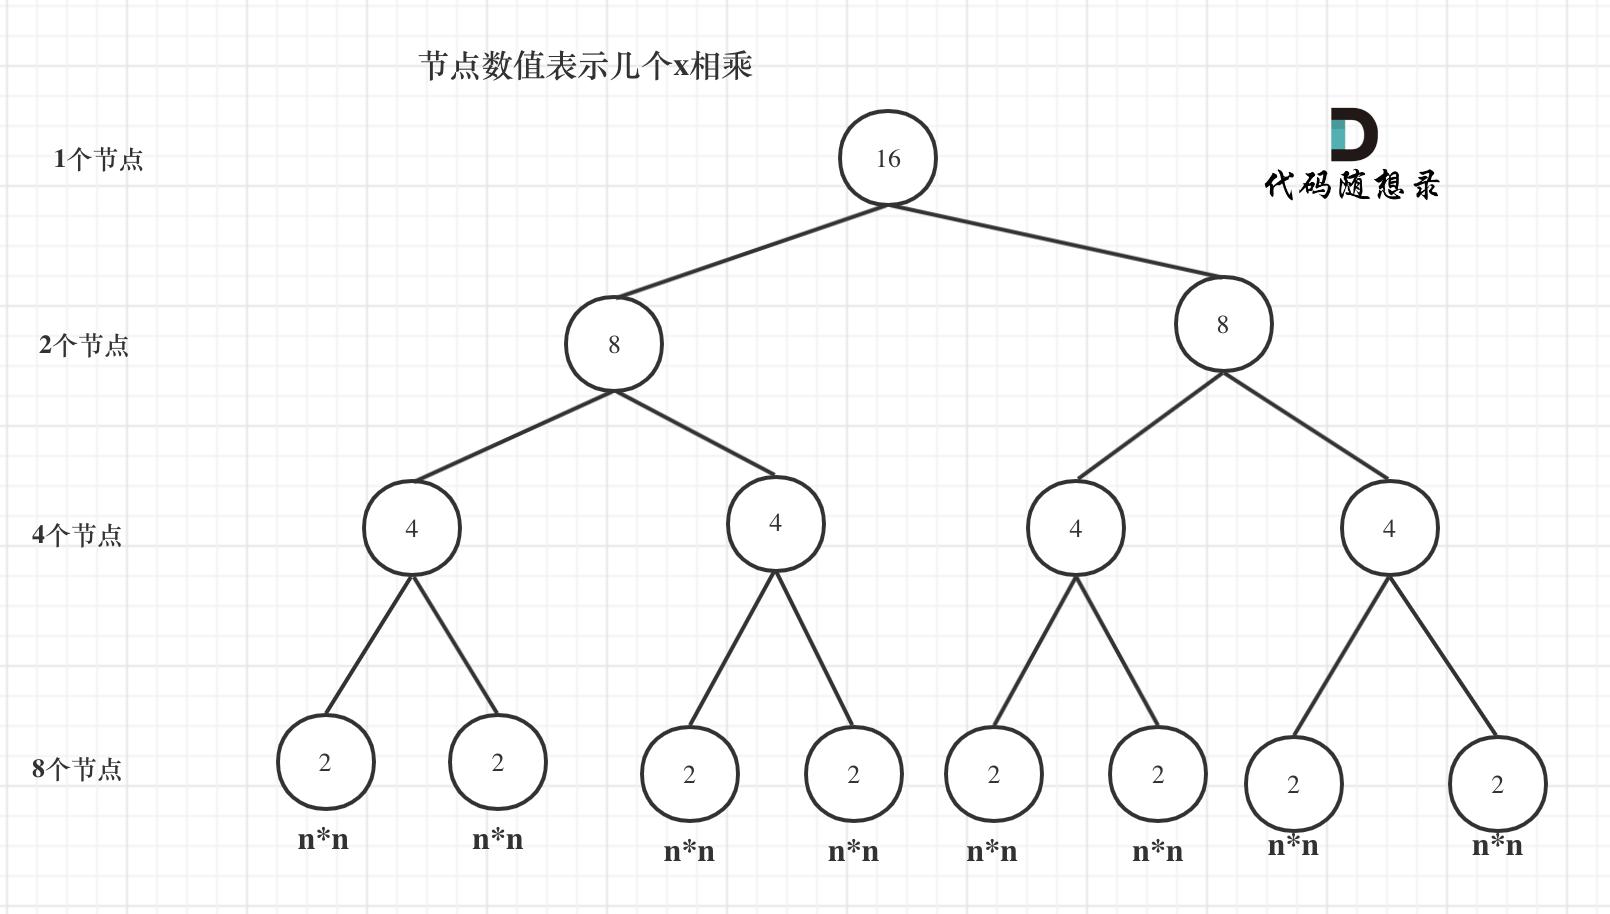 递归算法的时间复杂度